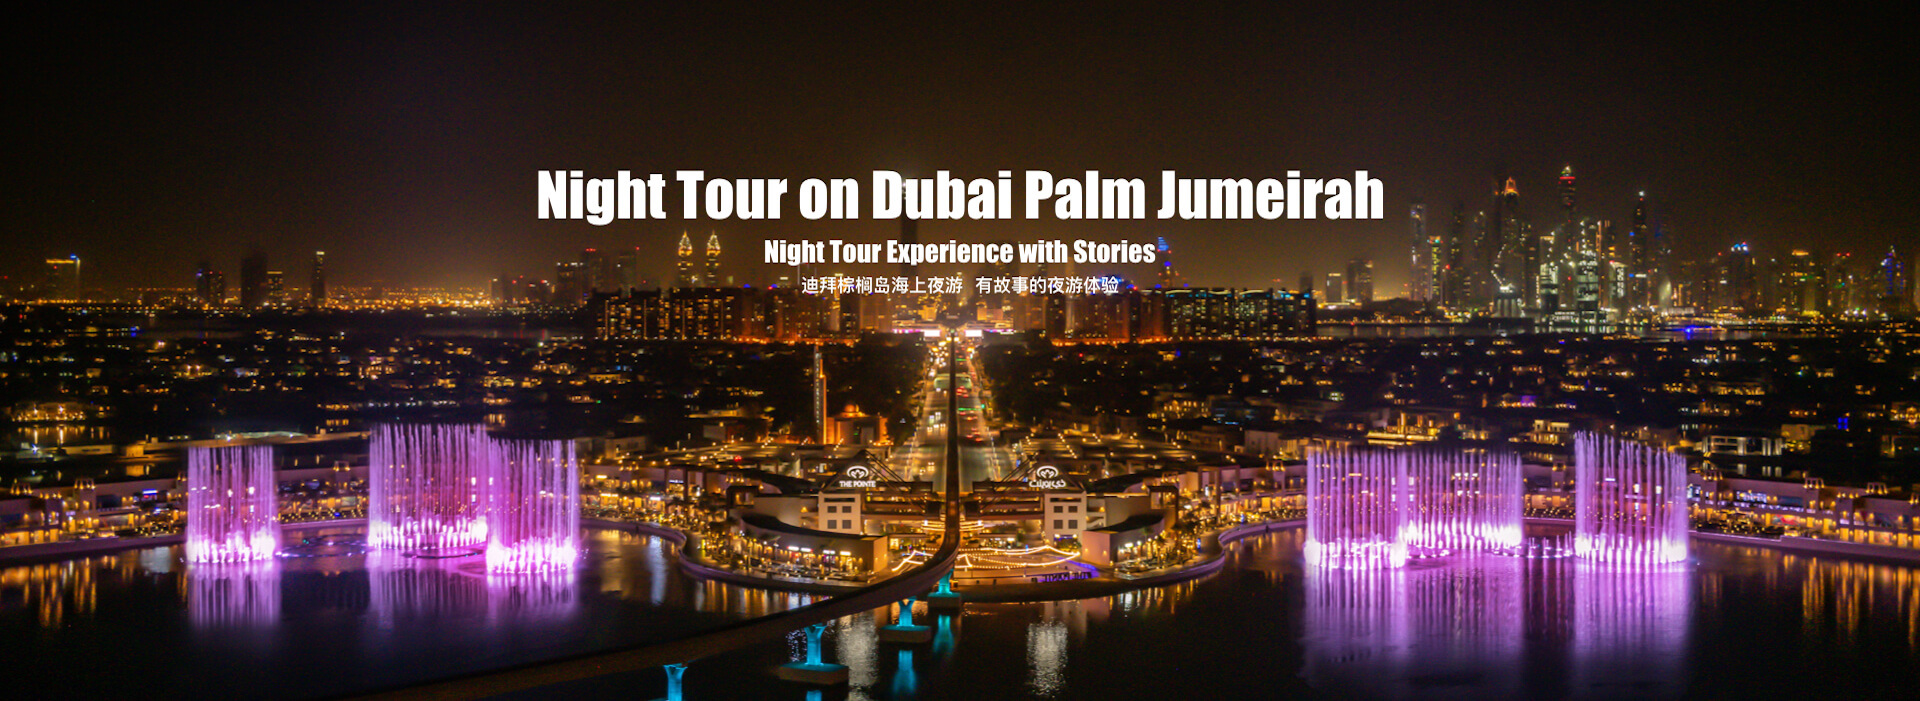 由中科水景设计及建造的迪拜音乐喷泉项目